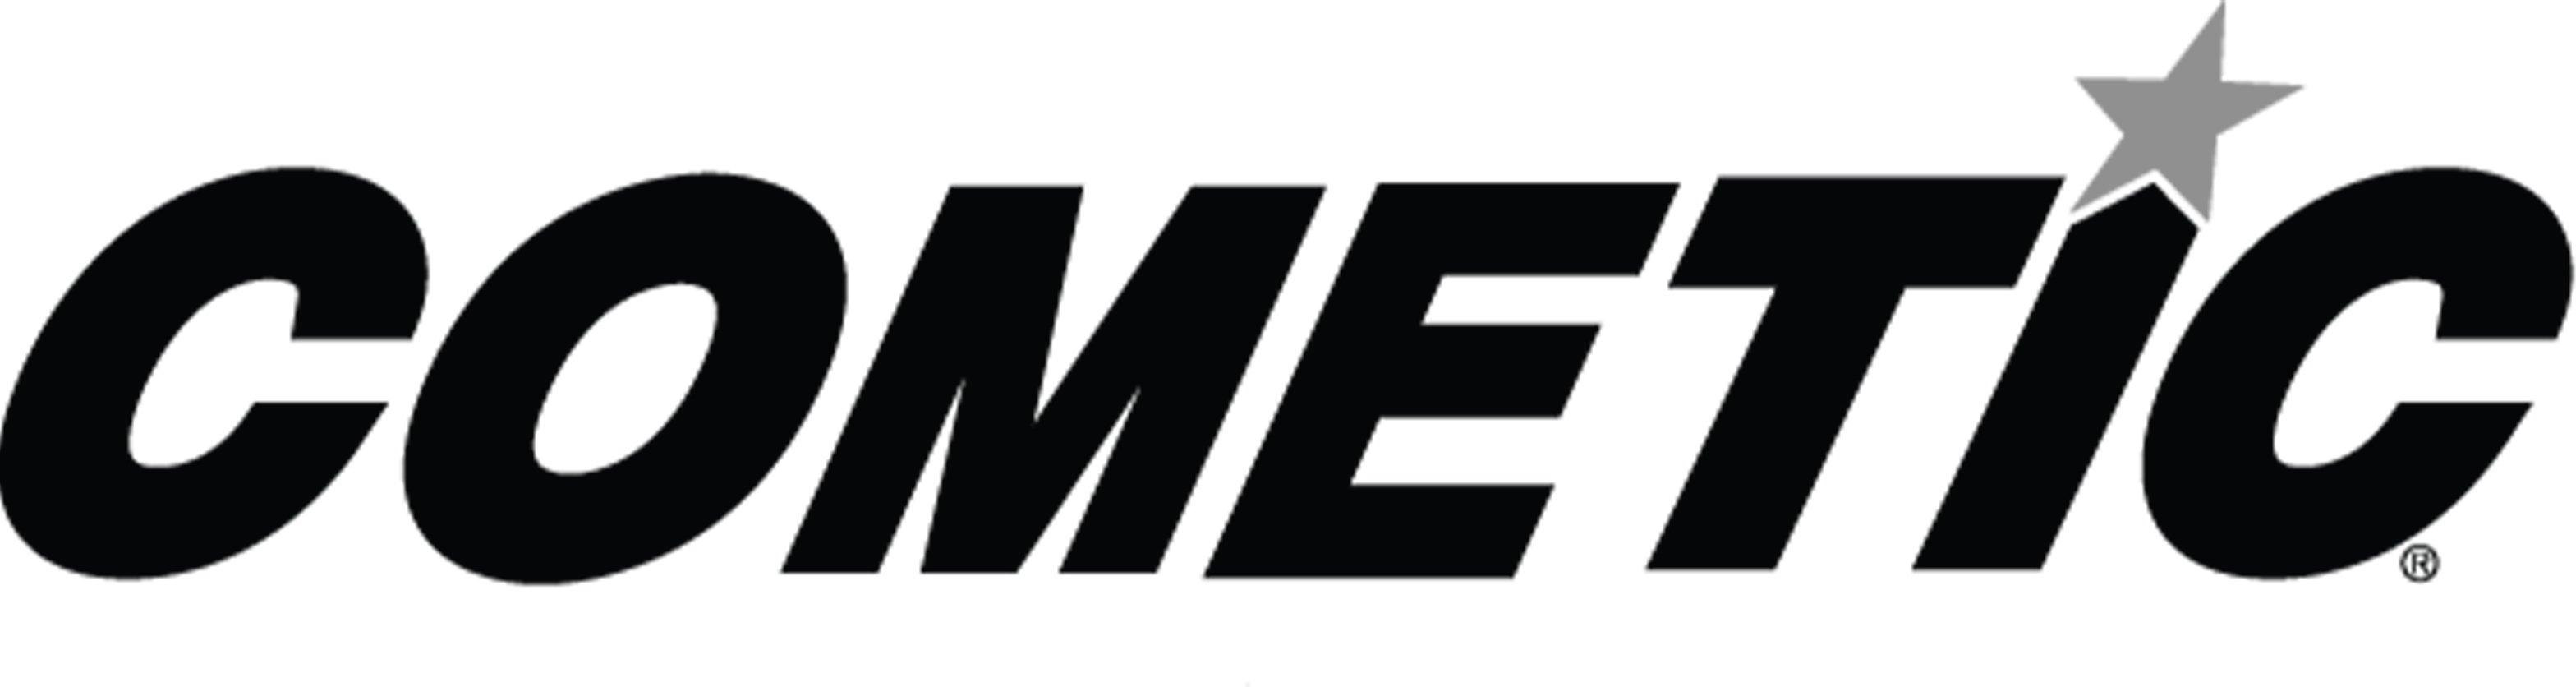 Cometic Gasket Automotive